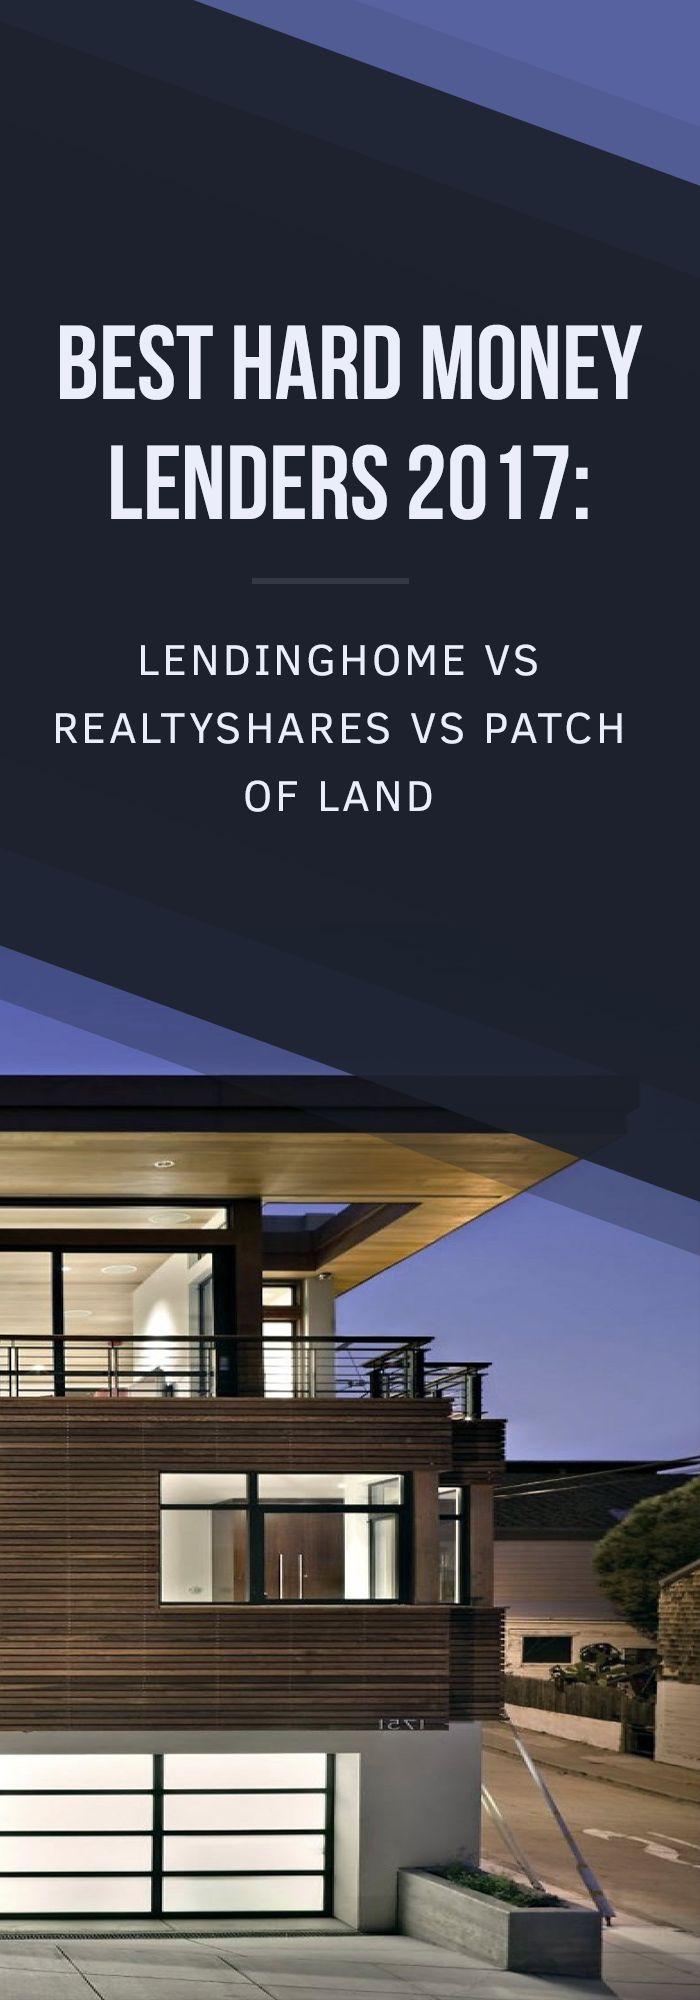 Best Hard Money Lenders 2017: LendingHome vs RealtyShares vs Patch of Land.